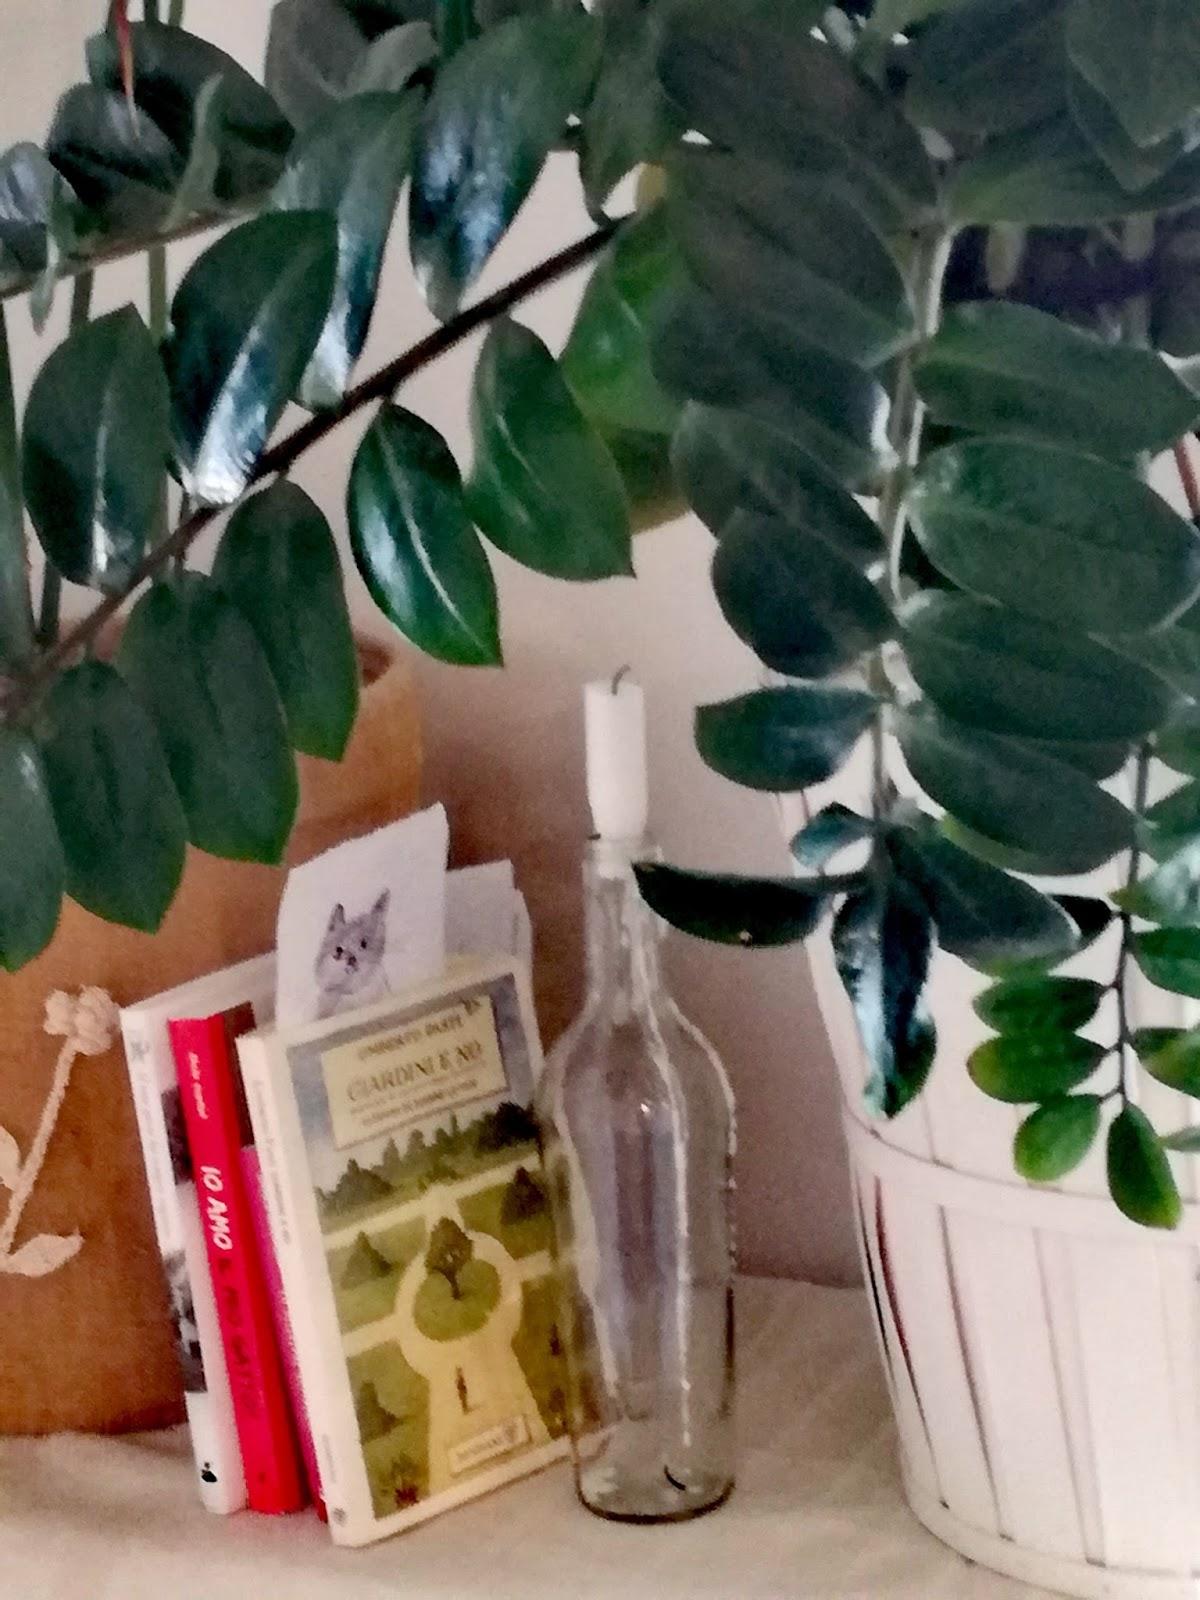 Piante Da Appartamento Ambiente Buio foglie e fusa: zamioculcas! una pianta da dimenticare!